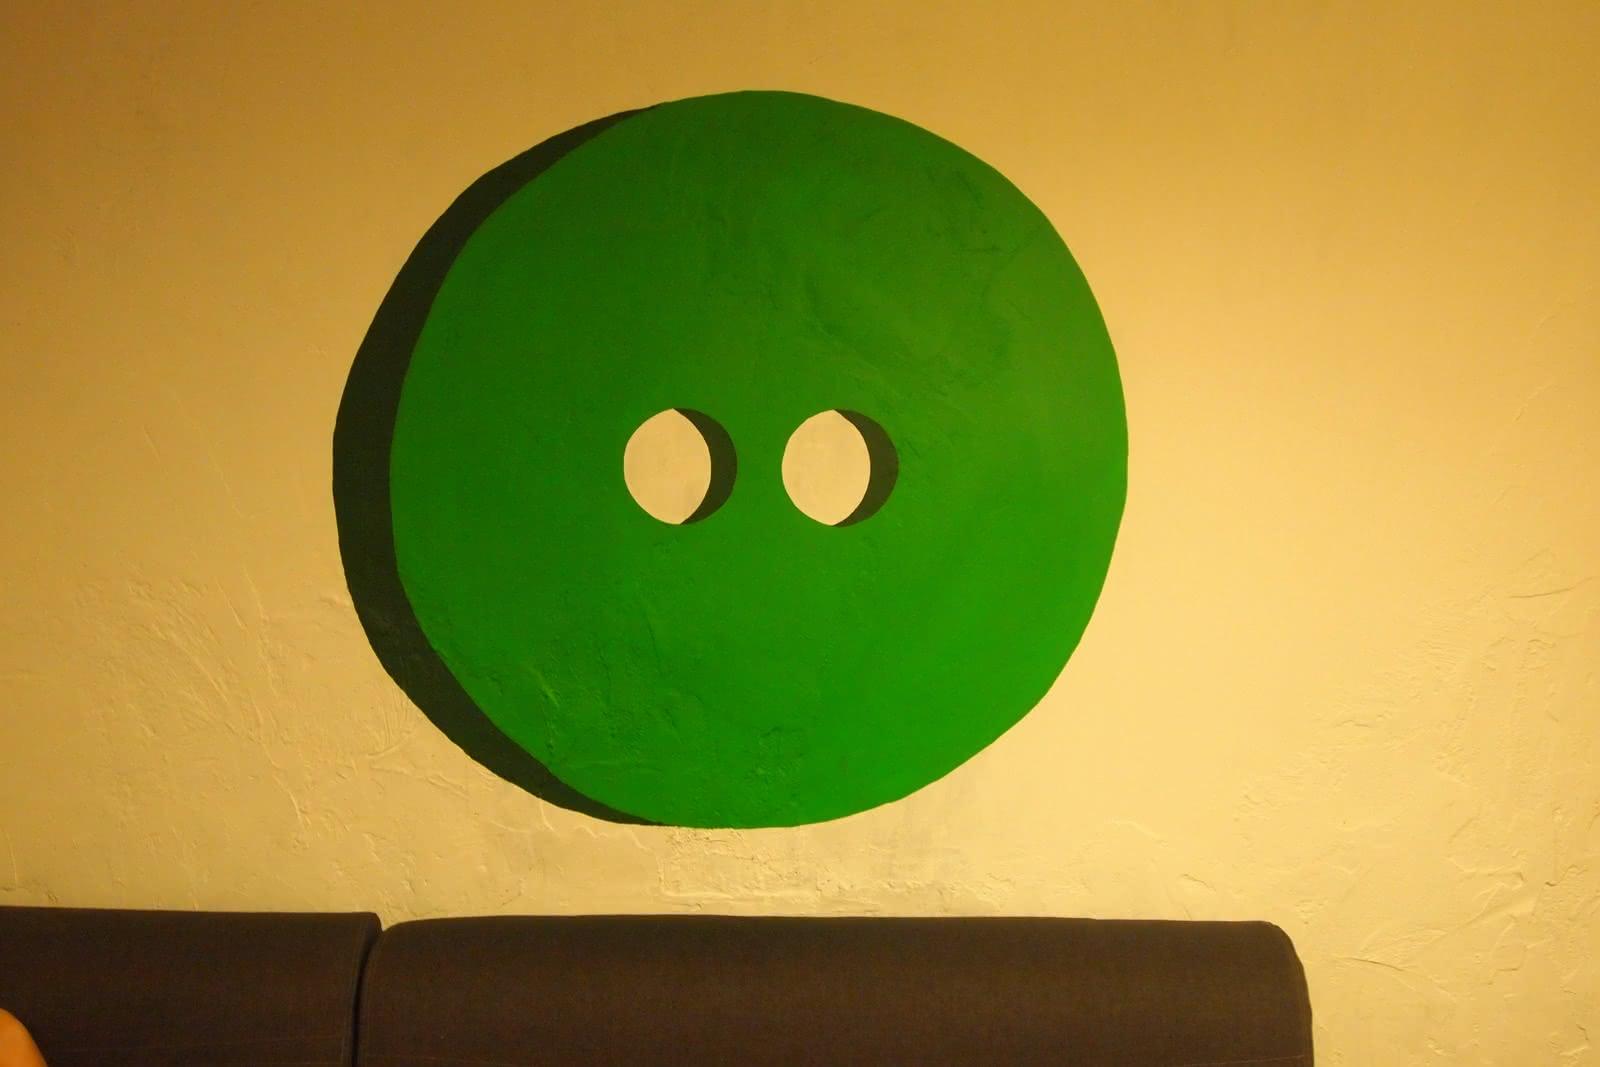 Wielki zielony guzik na ścianie